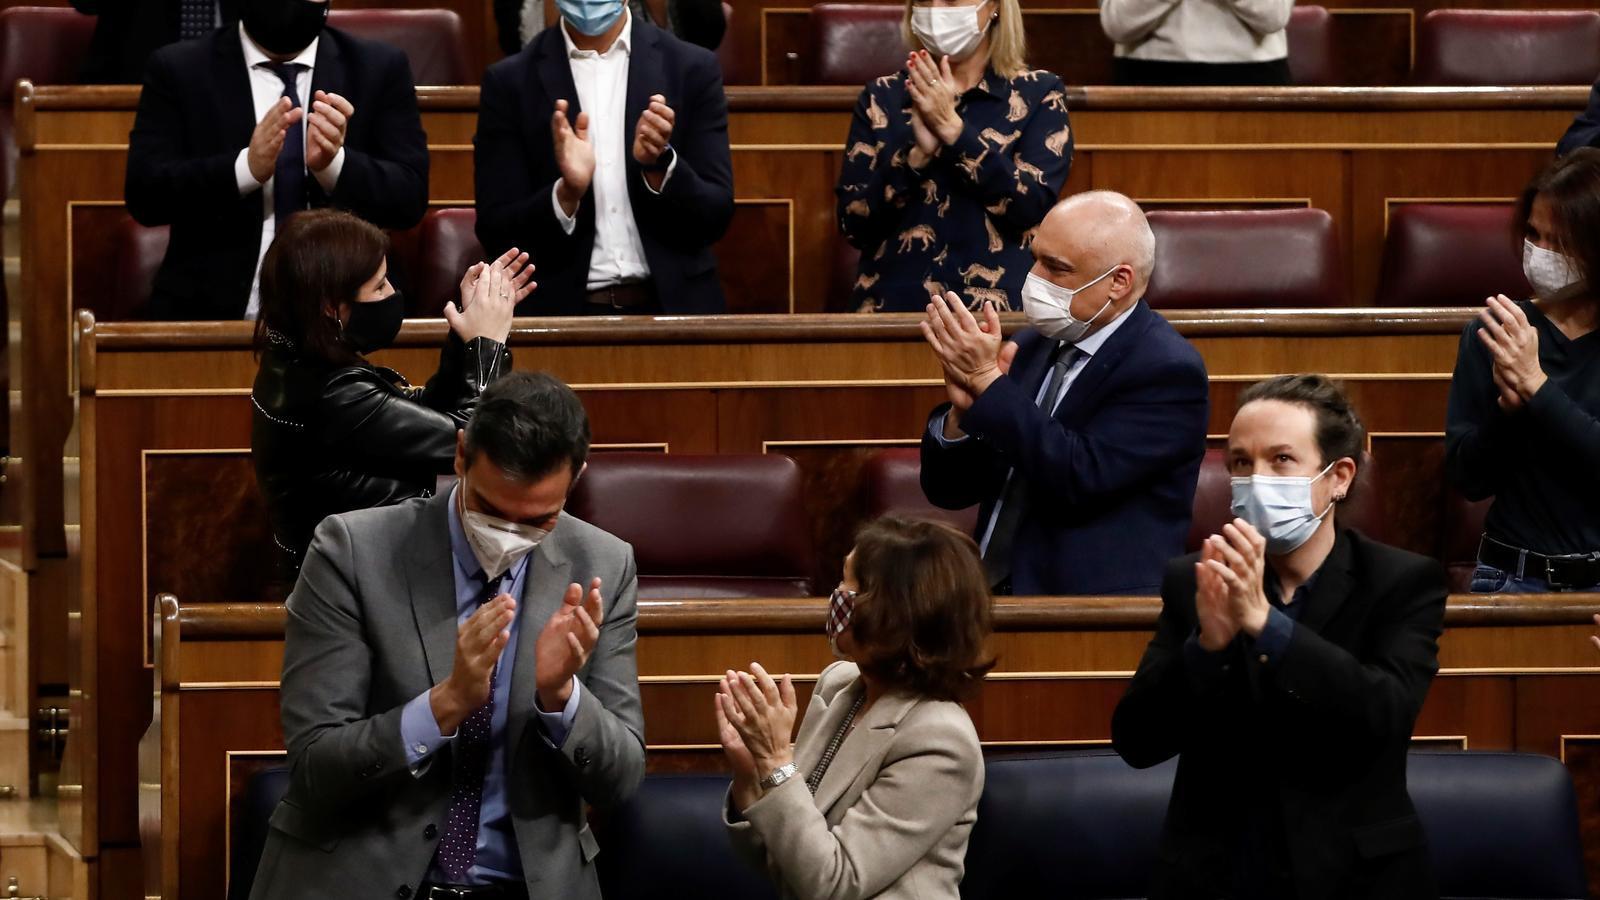 El govern espanyol i la bancada socialista celebren la fi de la tramitació dels pressupostos al Congrés, que ara passen al Senat.